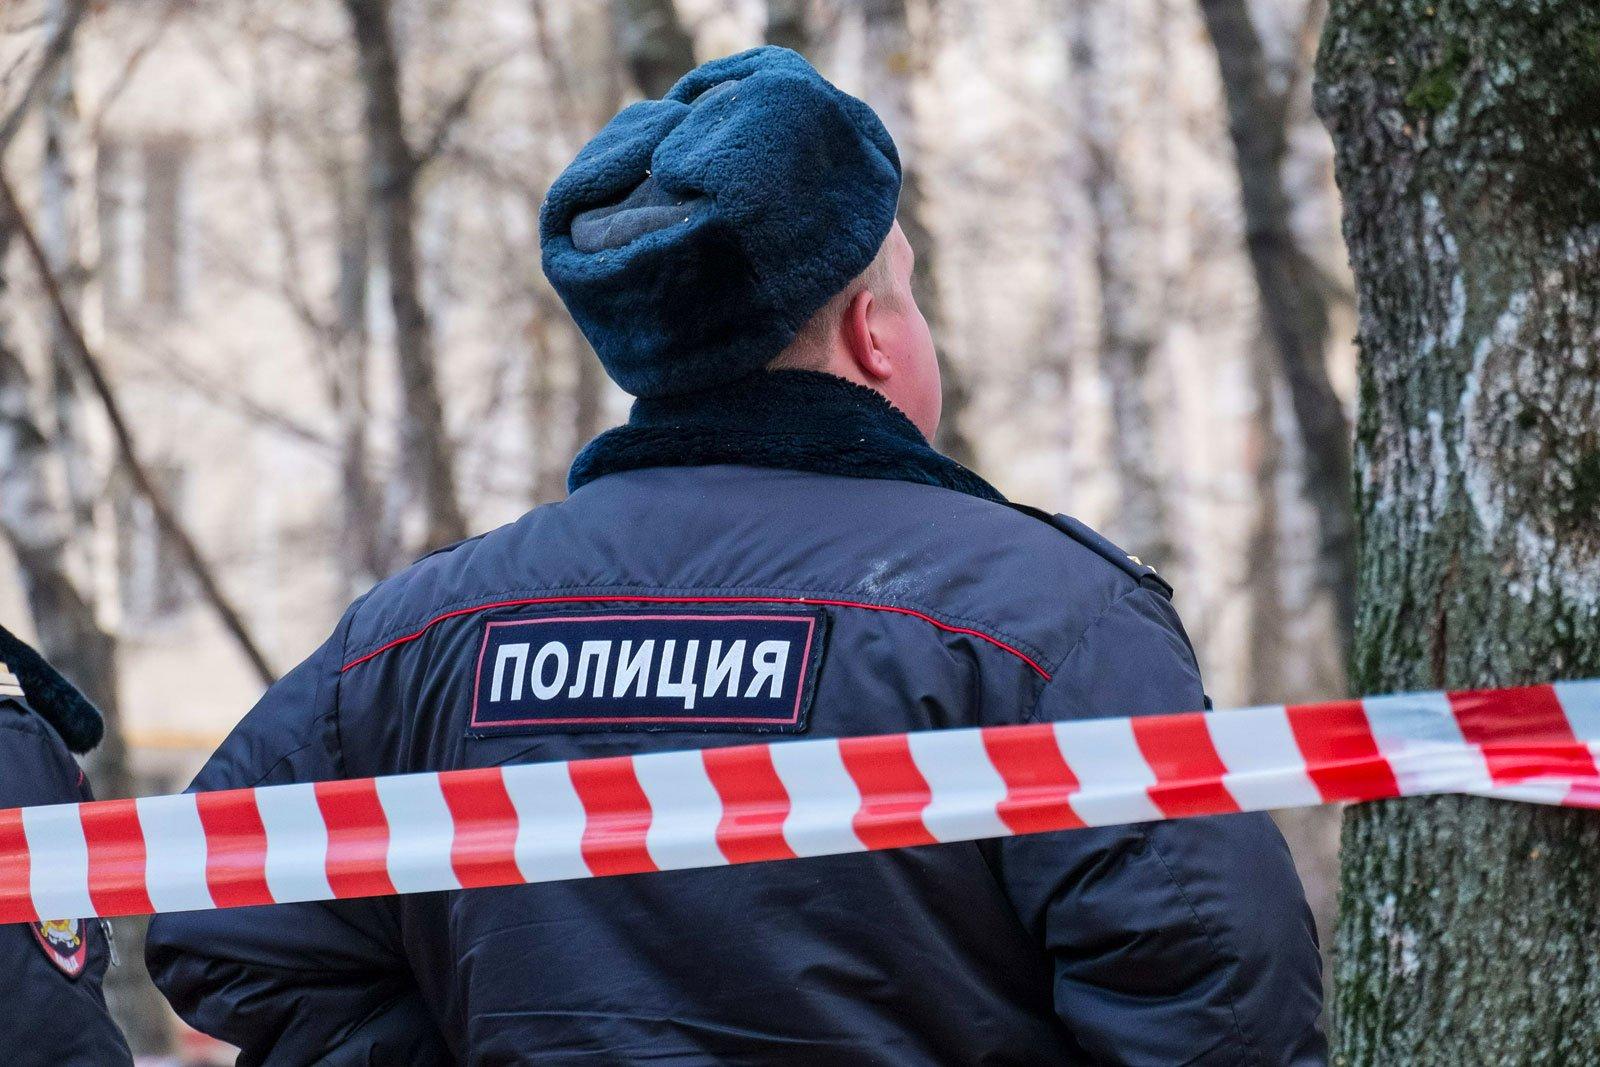 В Запорожской области нашли извеченое тело мужчины